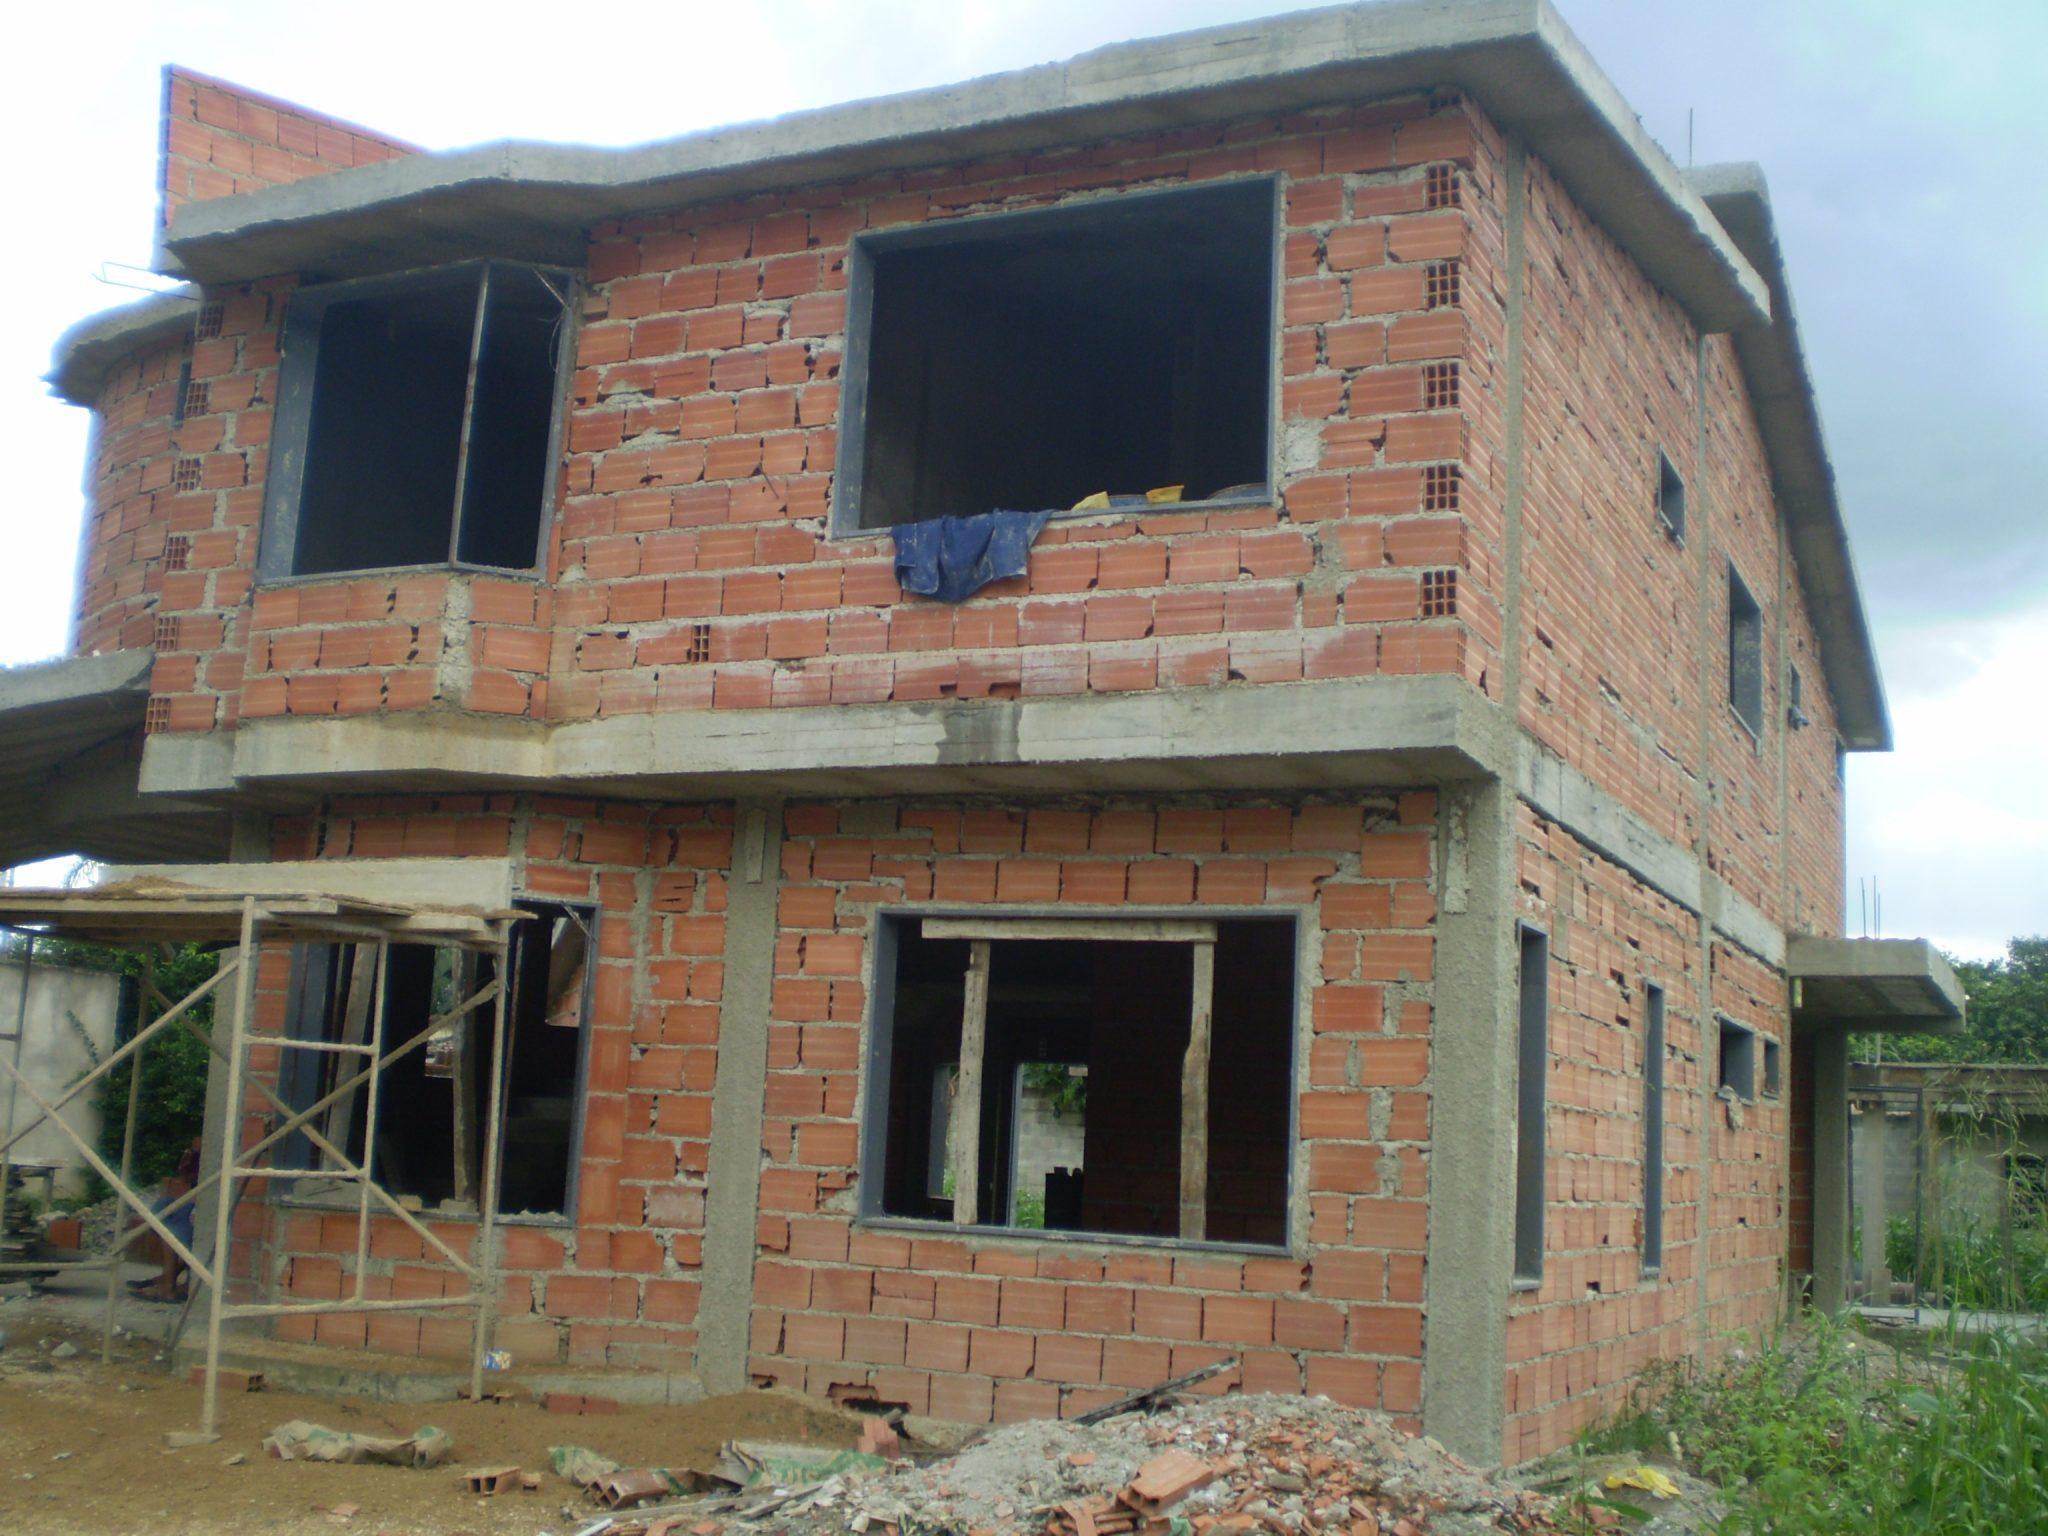 La construcci n de su casa d jela en nuestras manos - Proyectos de construccion de casas ...